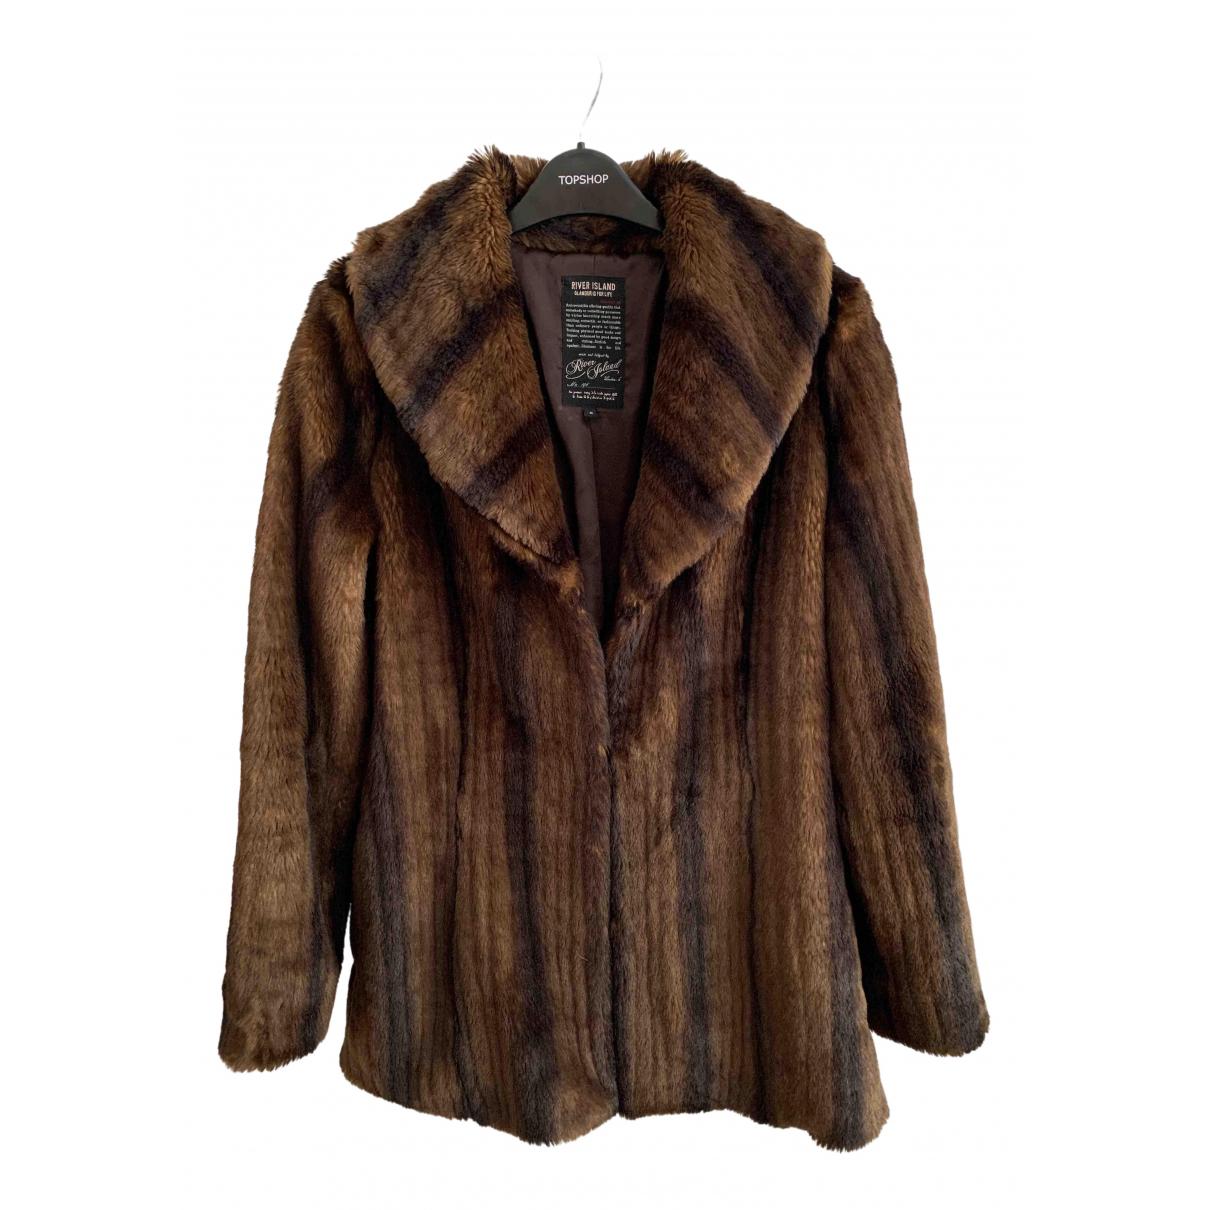 River Island - Manteau   pour femme en fourrure synthetique - marron